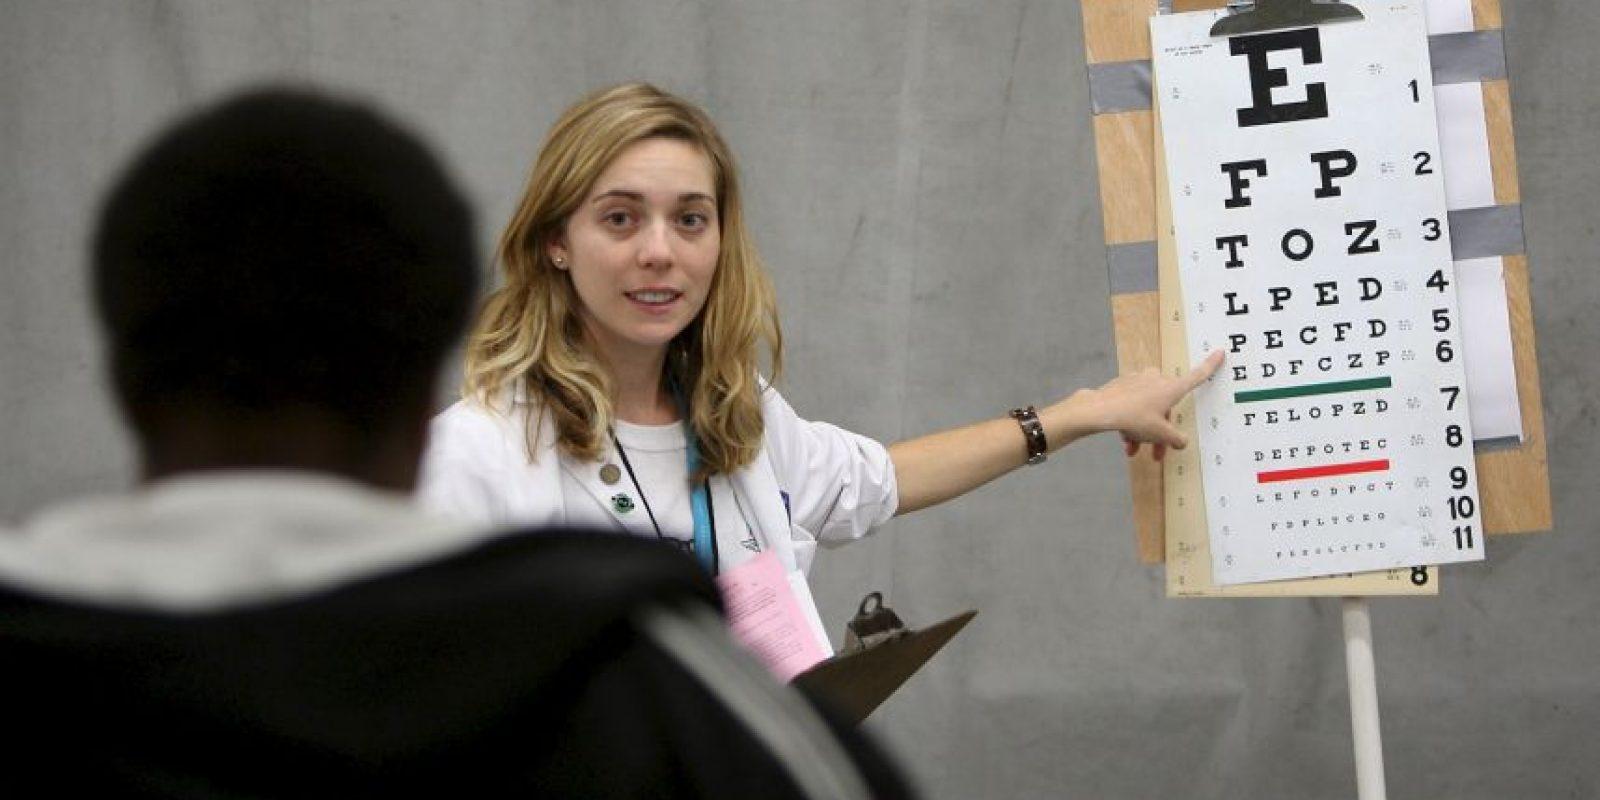 Los exámenes médicos son una constante Foto:Getty Images